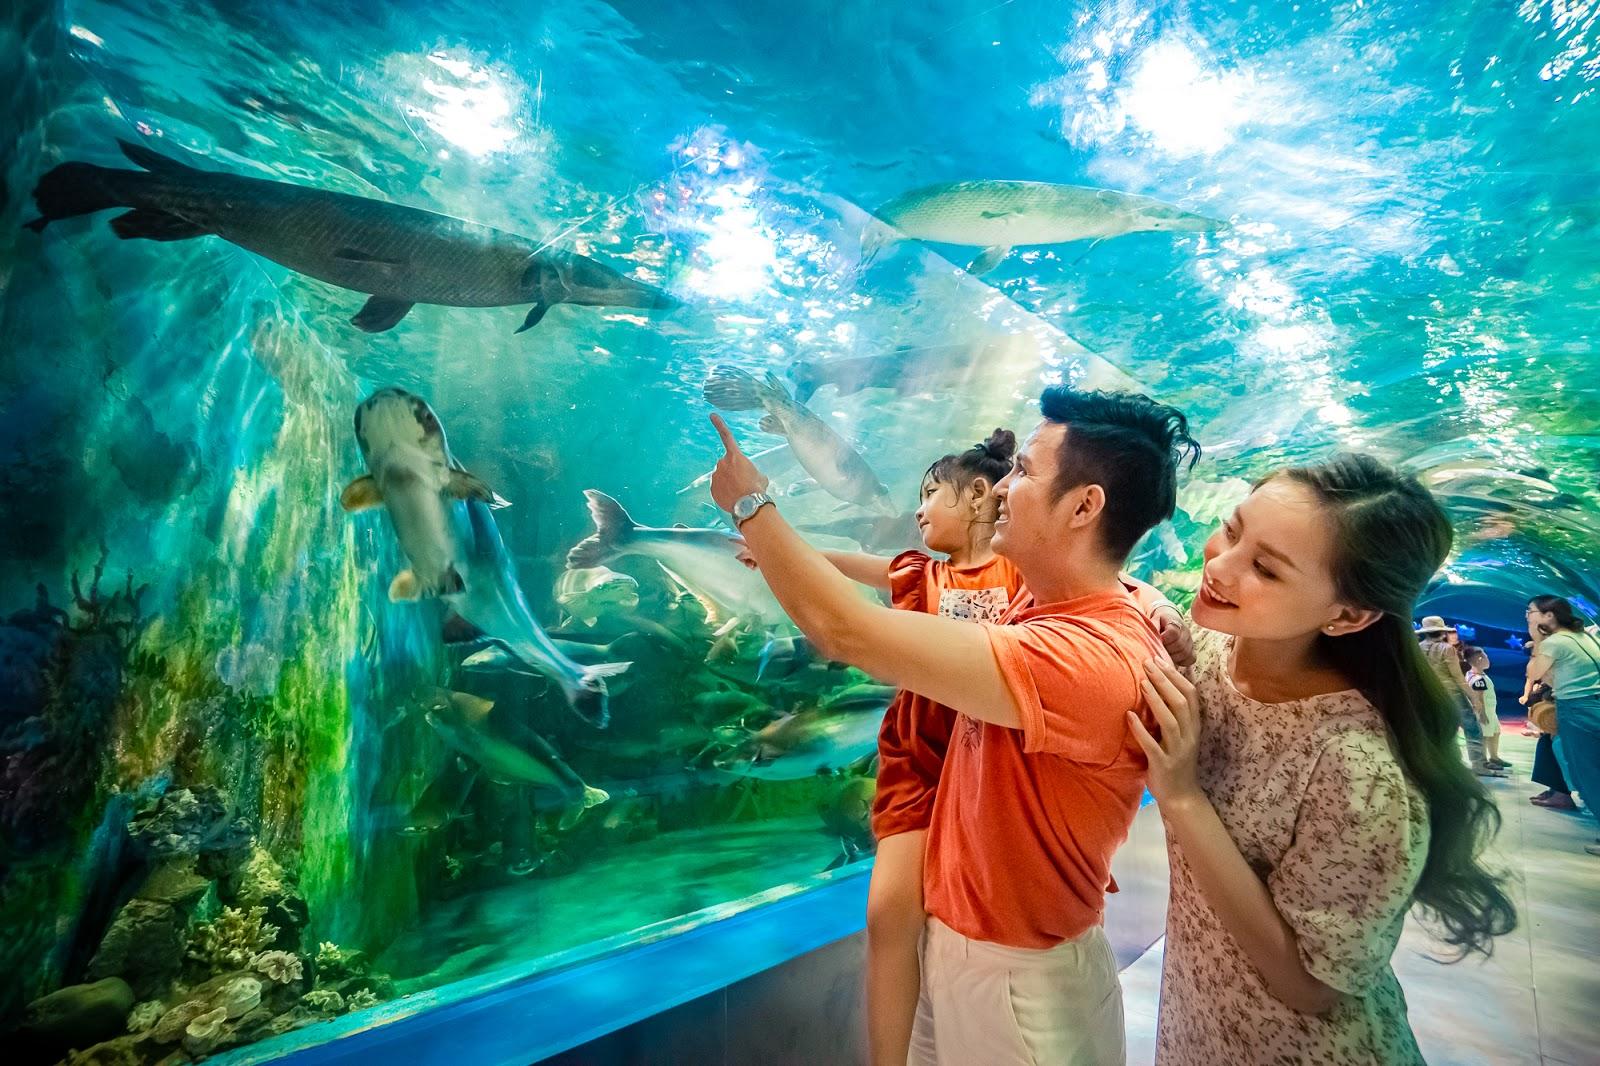 gia đình tham quan thuỷ cung tại Thiên Đường Bảo Sơn, người bố mặc áo cam đang chỉ tay và bế con gái, người mẹ ở phía sau mặc áo hoa, mọi người đang nhìn bể cá, nhiều con cá đang bơi, ảnh chụp bên trong lòng thuỷ cung,